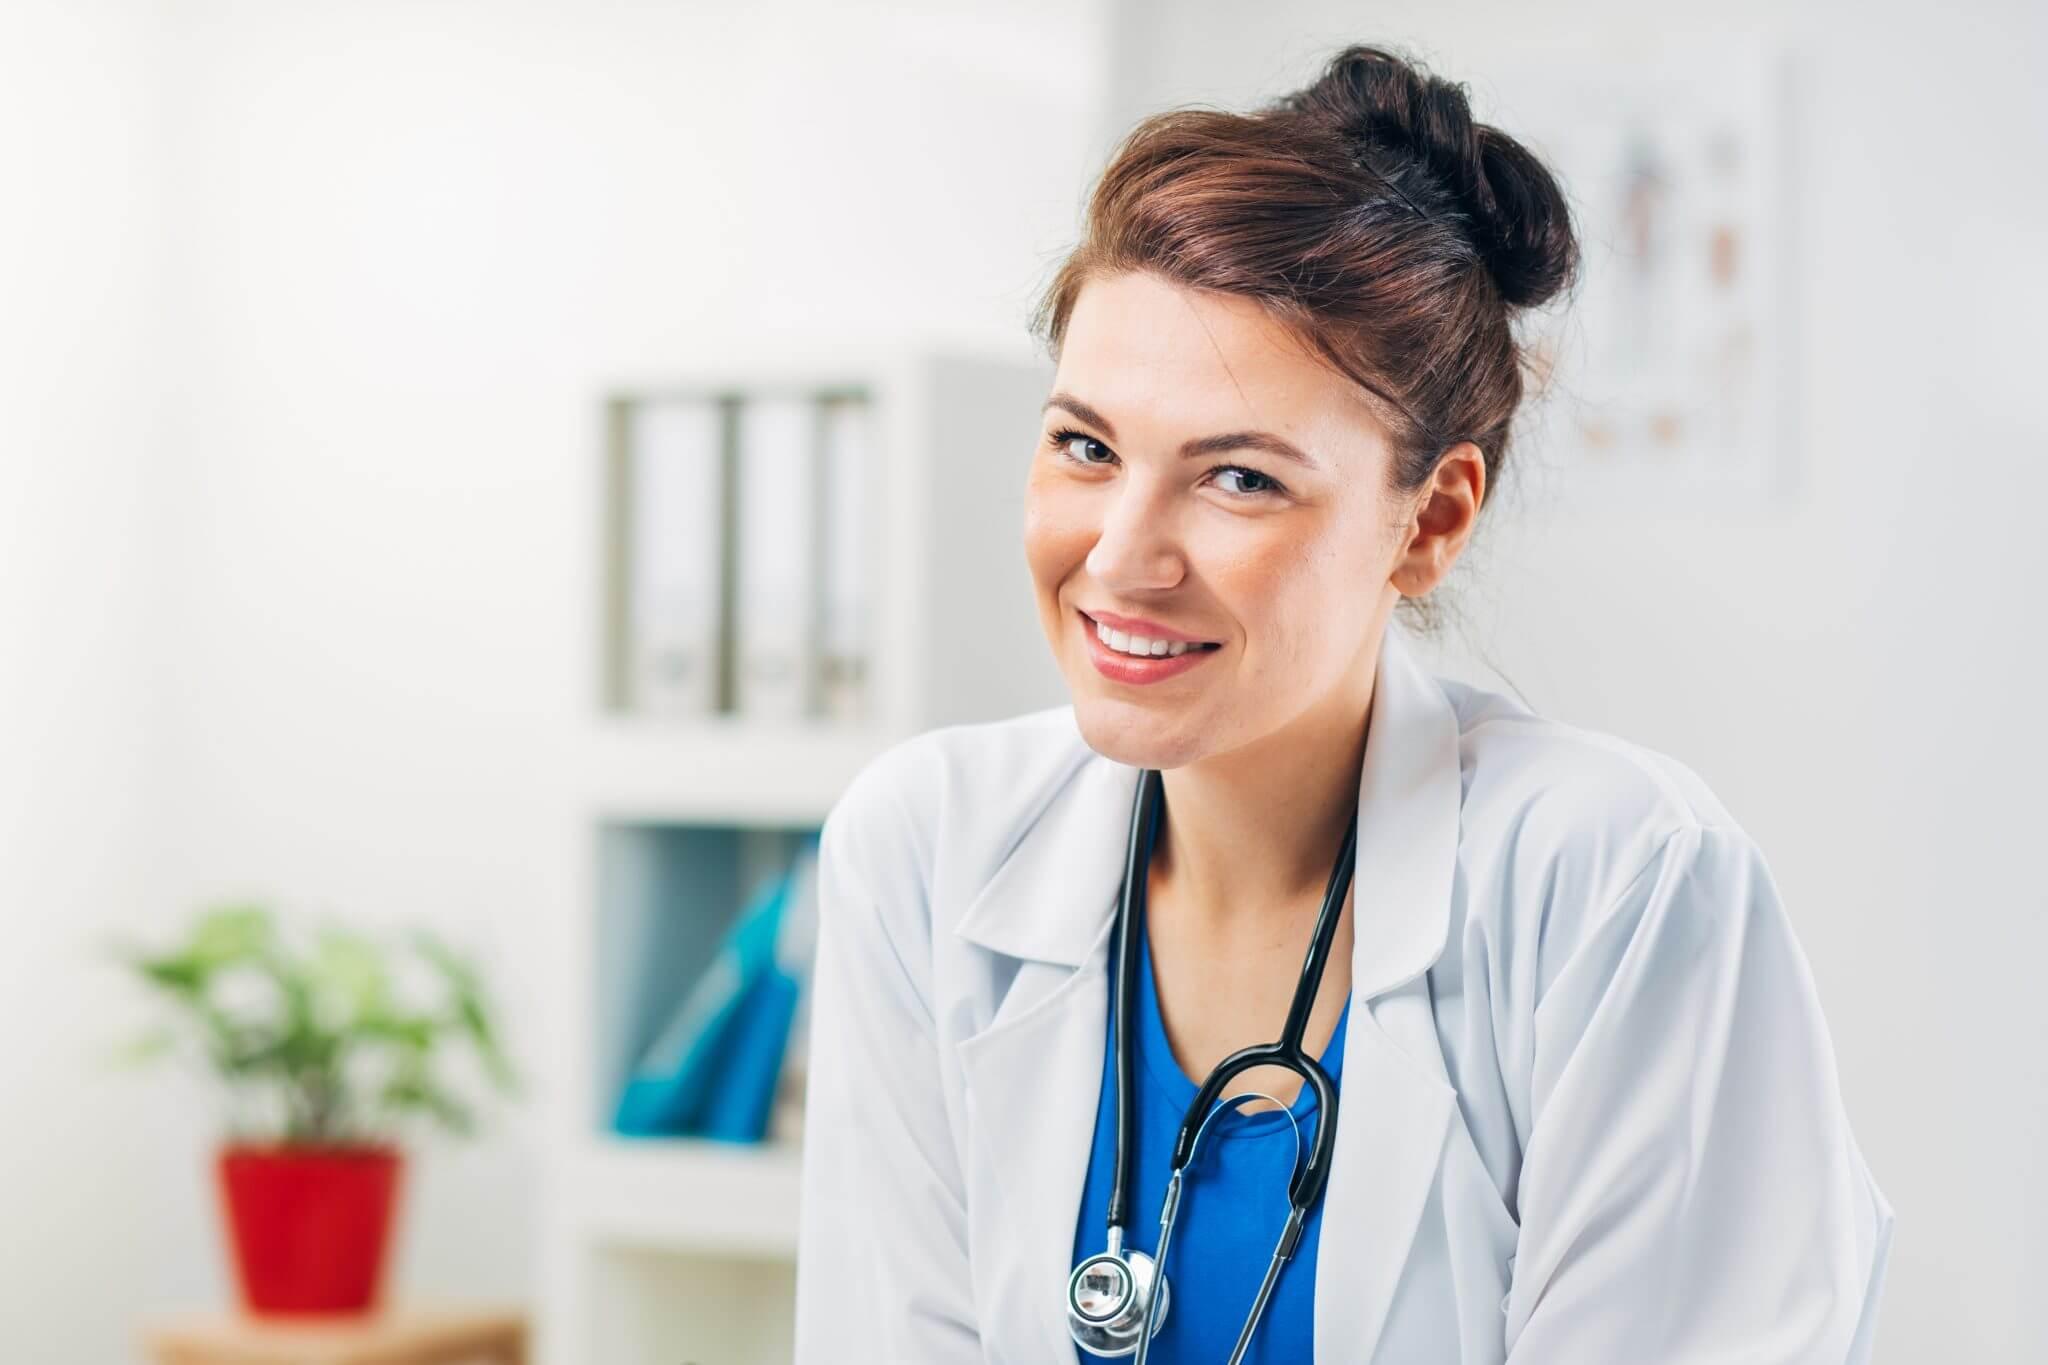 Heilpraktikerstudium mit TCM und Homöopathie